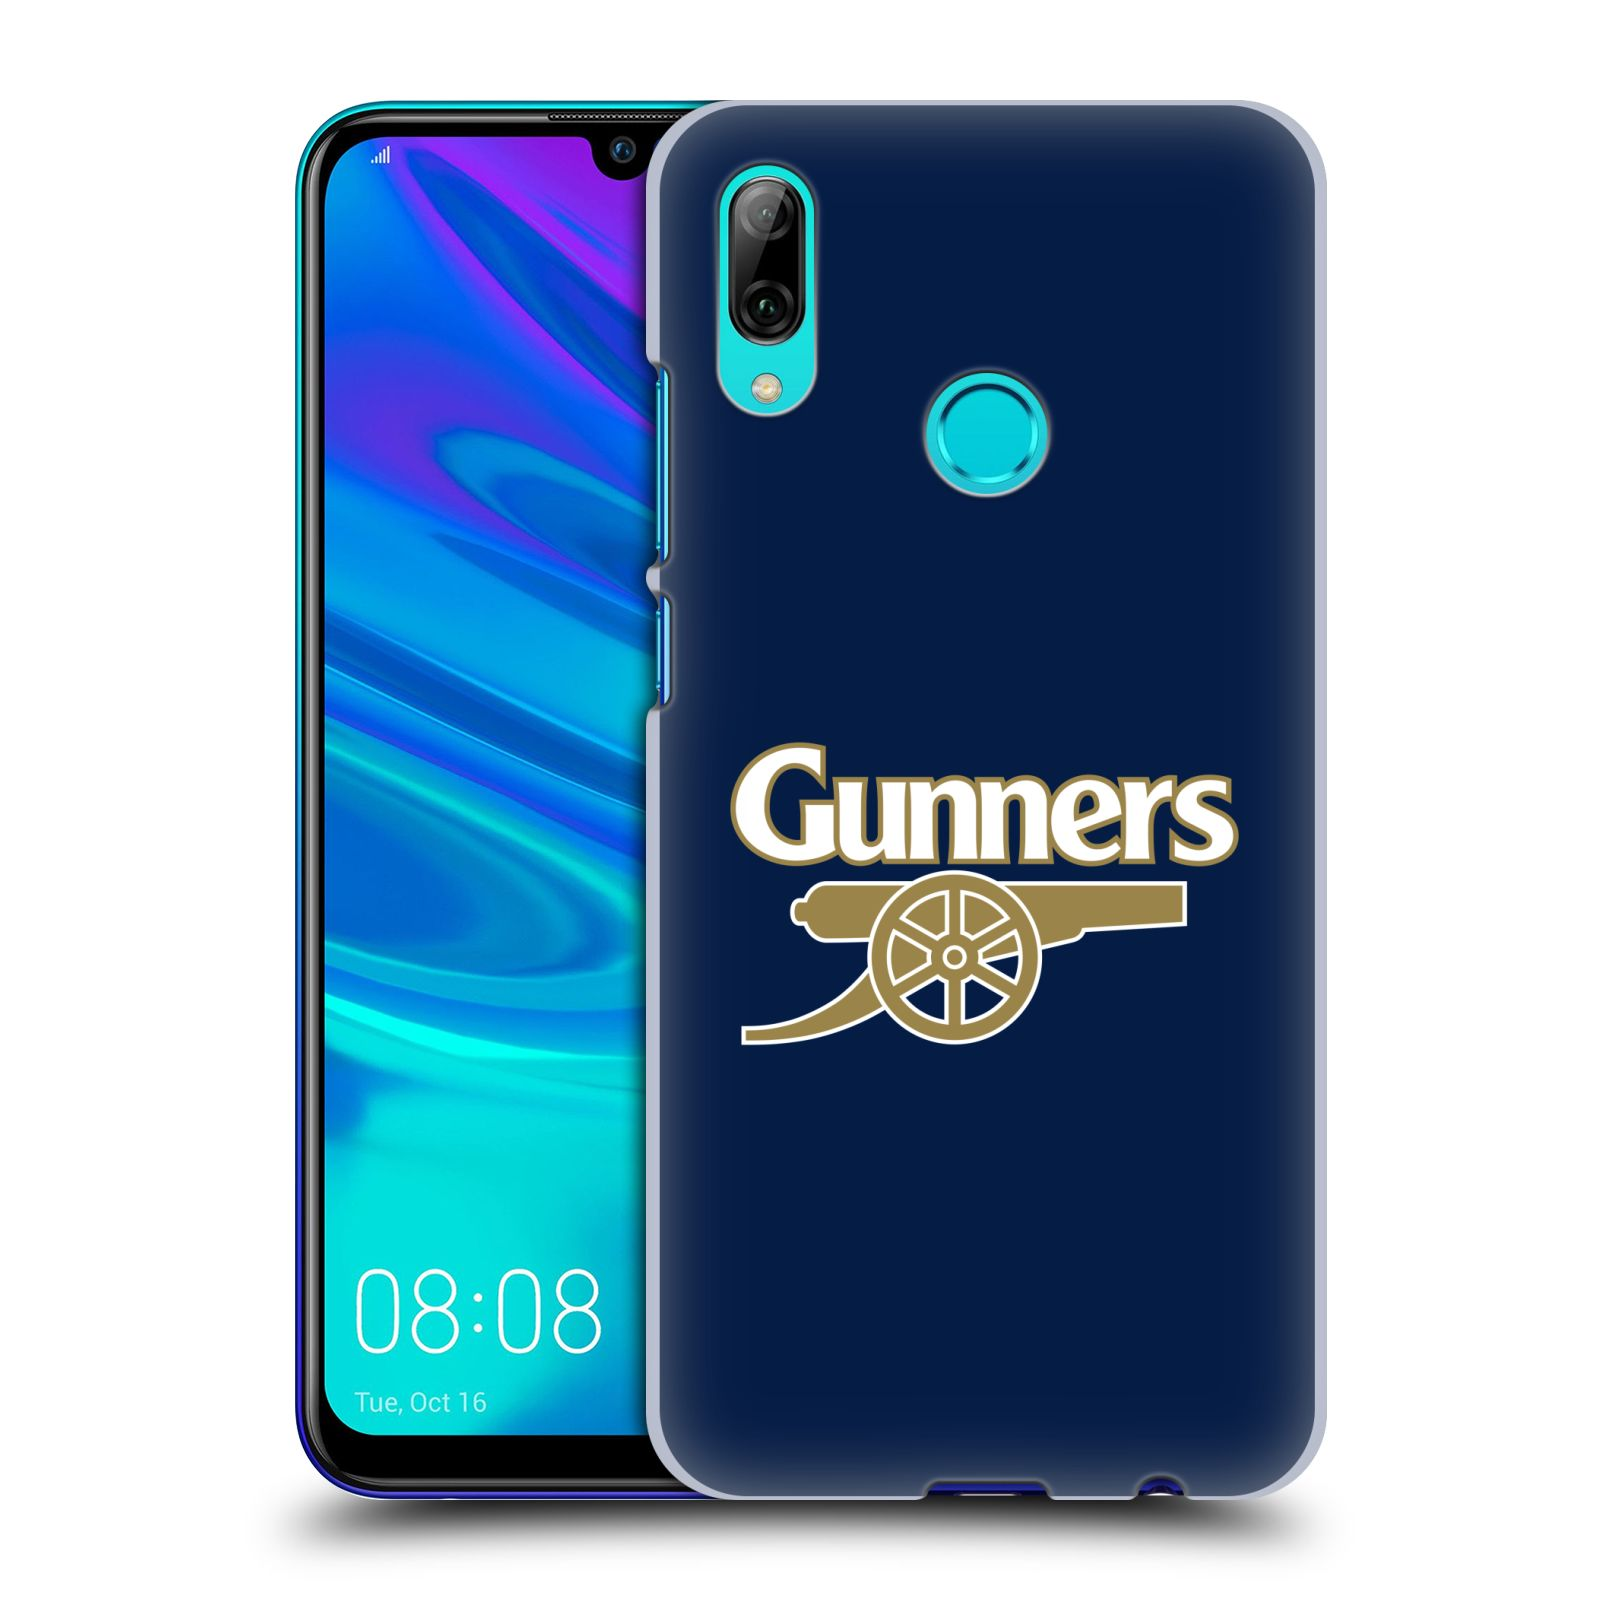 Plastové pouzdro na mobil Huawei P Smart (2019) - Head Case - Arsenal FC - Gunners